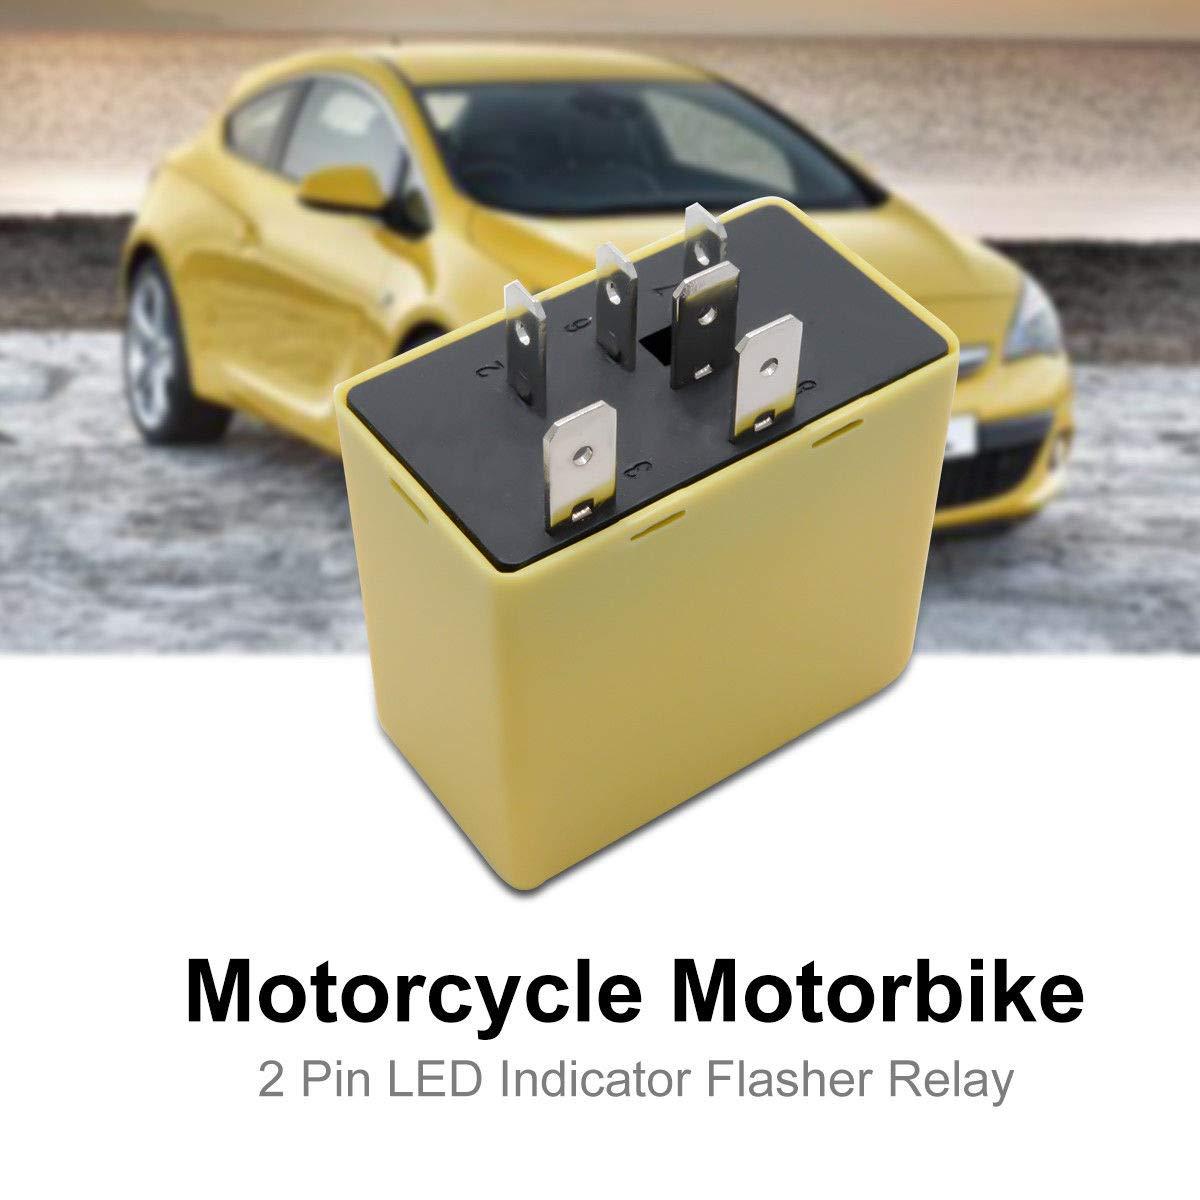 Iycorish Car Vehicle Flasher Hazard Indicator Relay For Vauxhall Astra 9134880 6238590